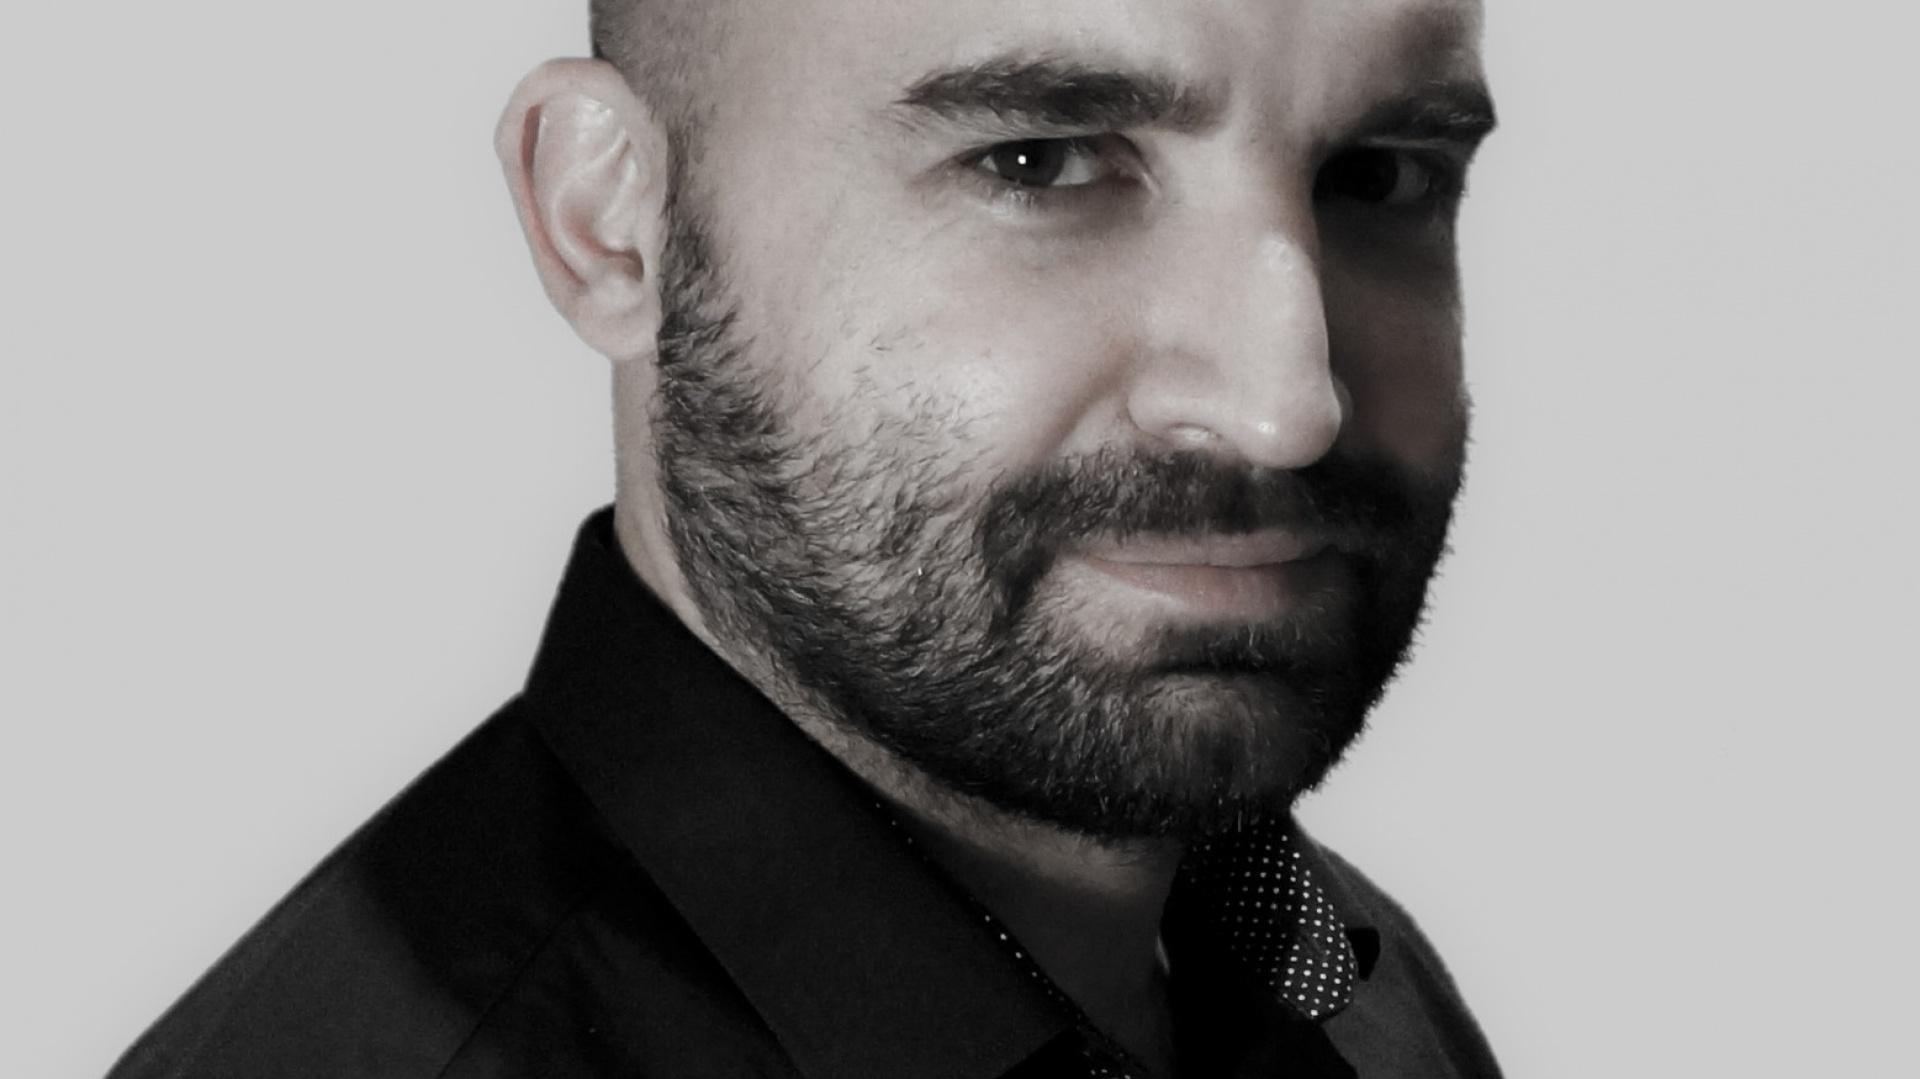 Piotr Rytlewski